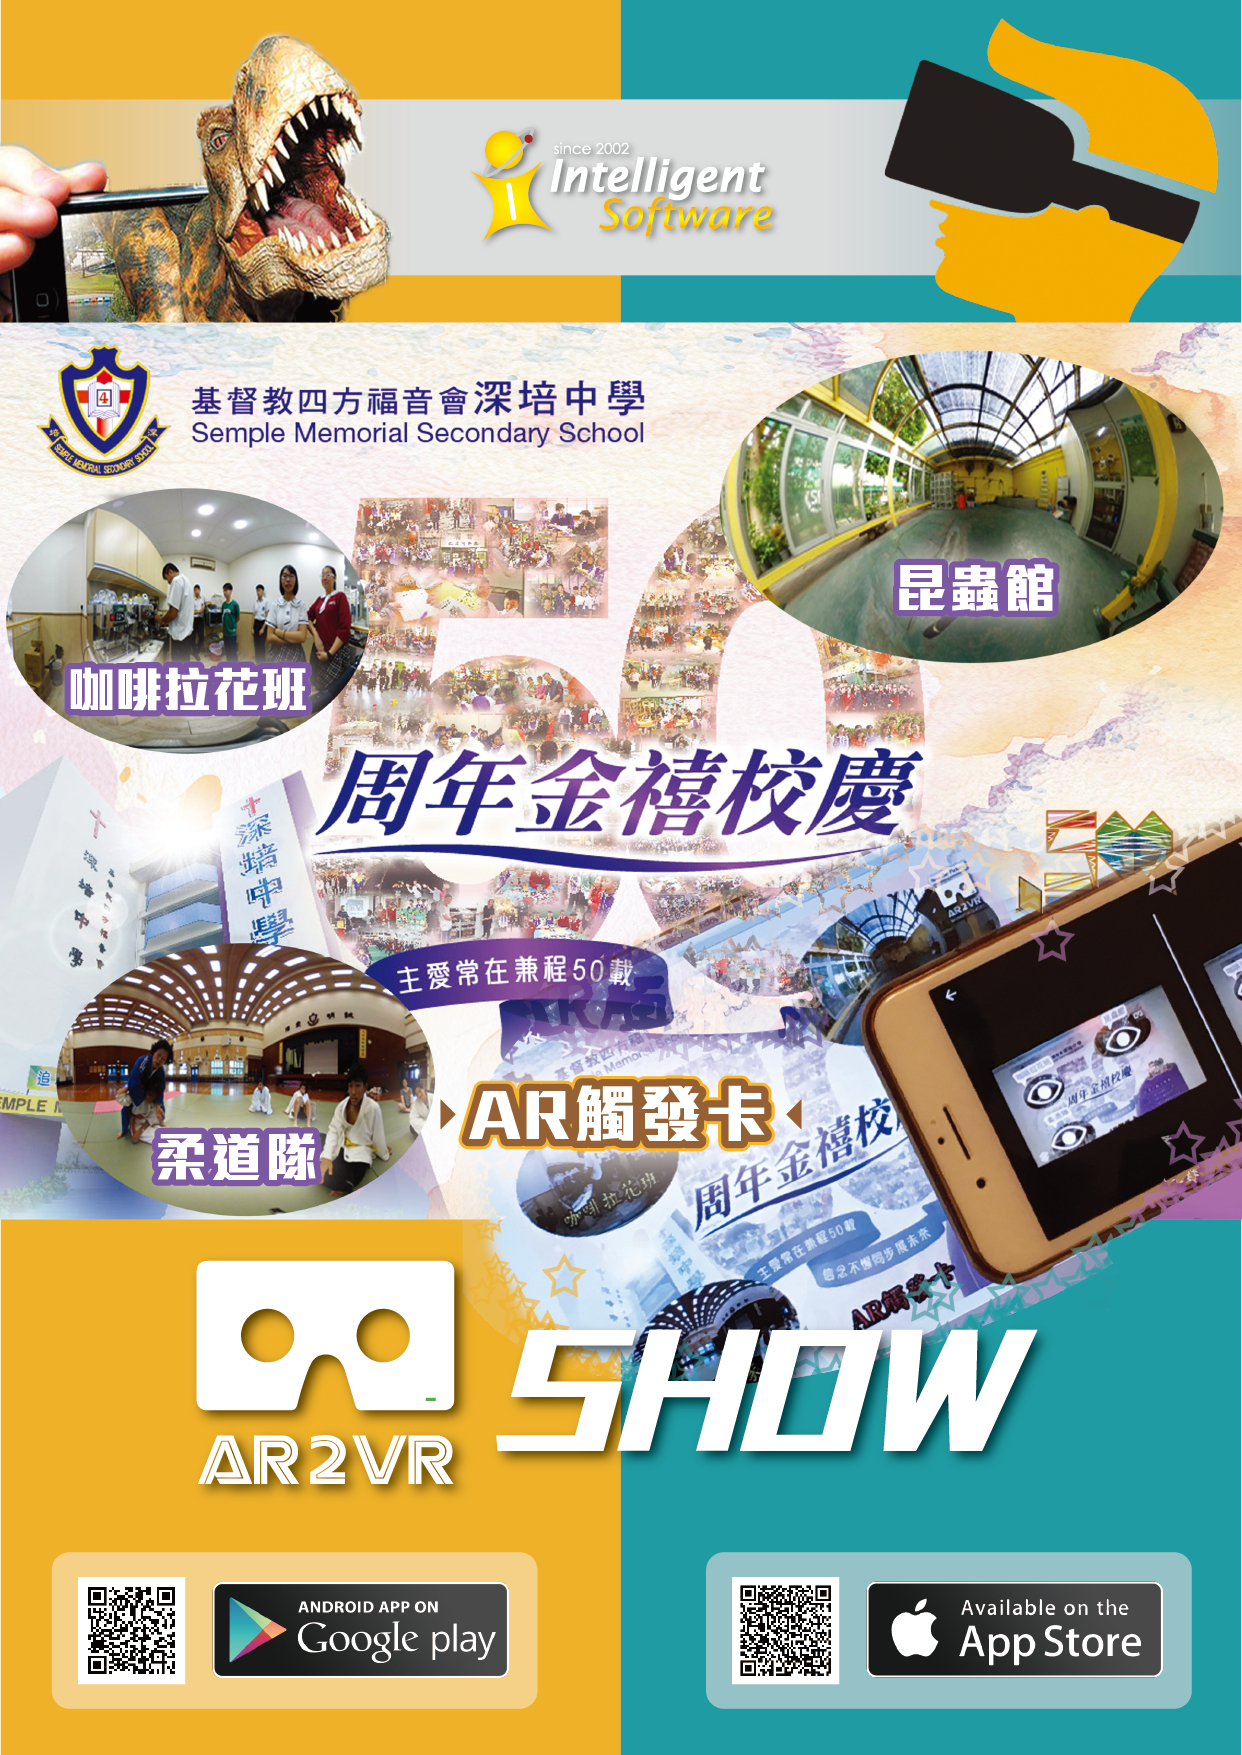 香港深培中學特色-智恒軟體-AR辨識卡